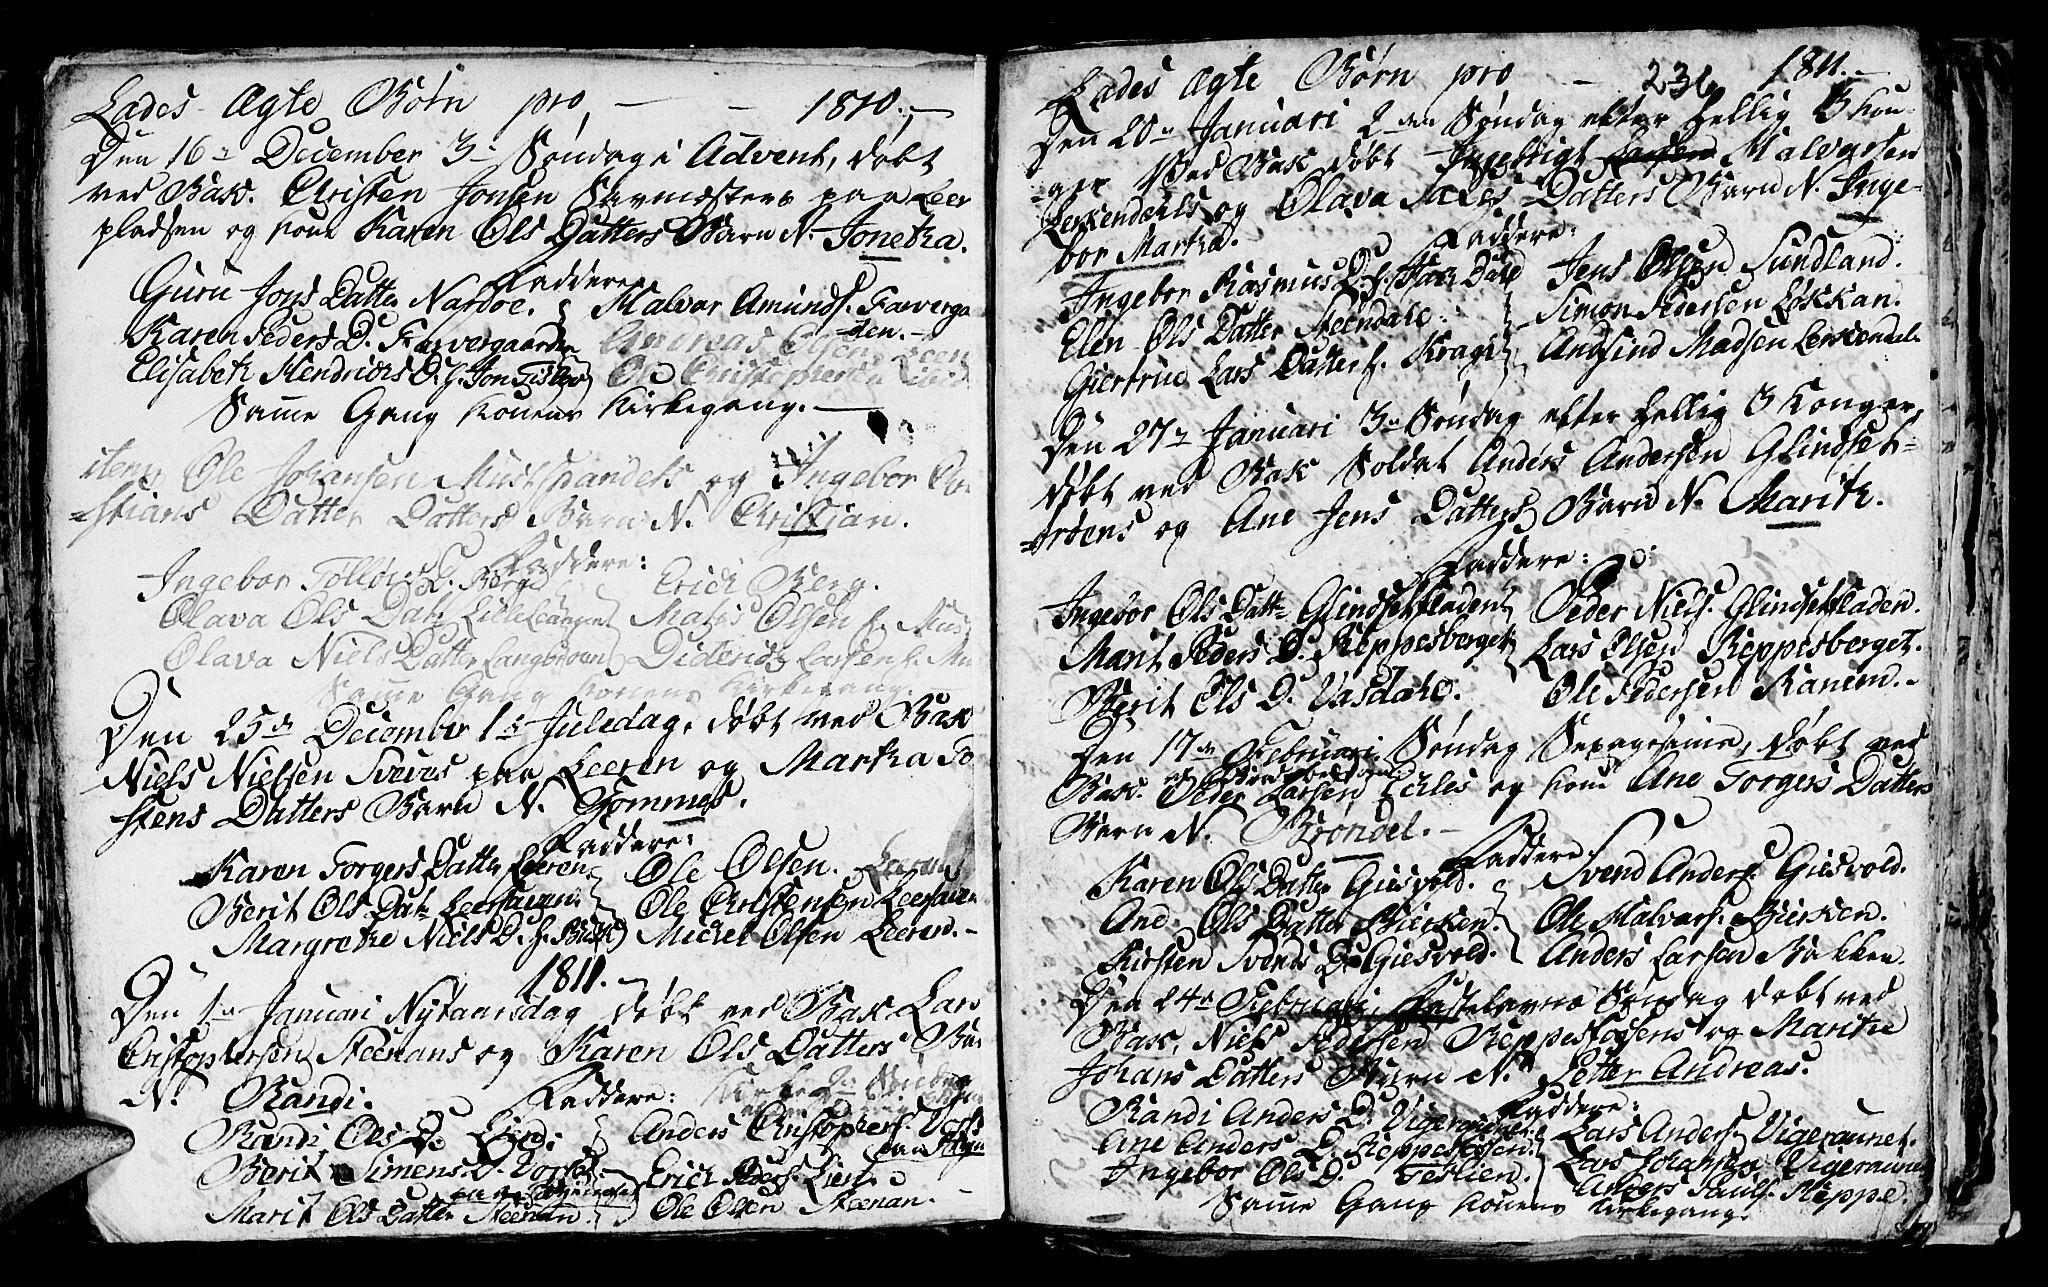 SAT, Ministerialprotokoller, klokkerbøker og fødselsregistre - Sør-Trøndelag, 606/L0305: Klokkerbok nr. 606C01, 1757-1819, s. 236